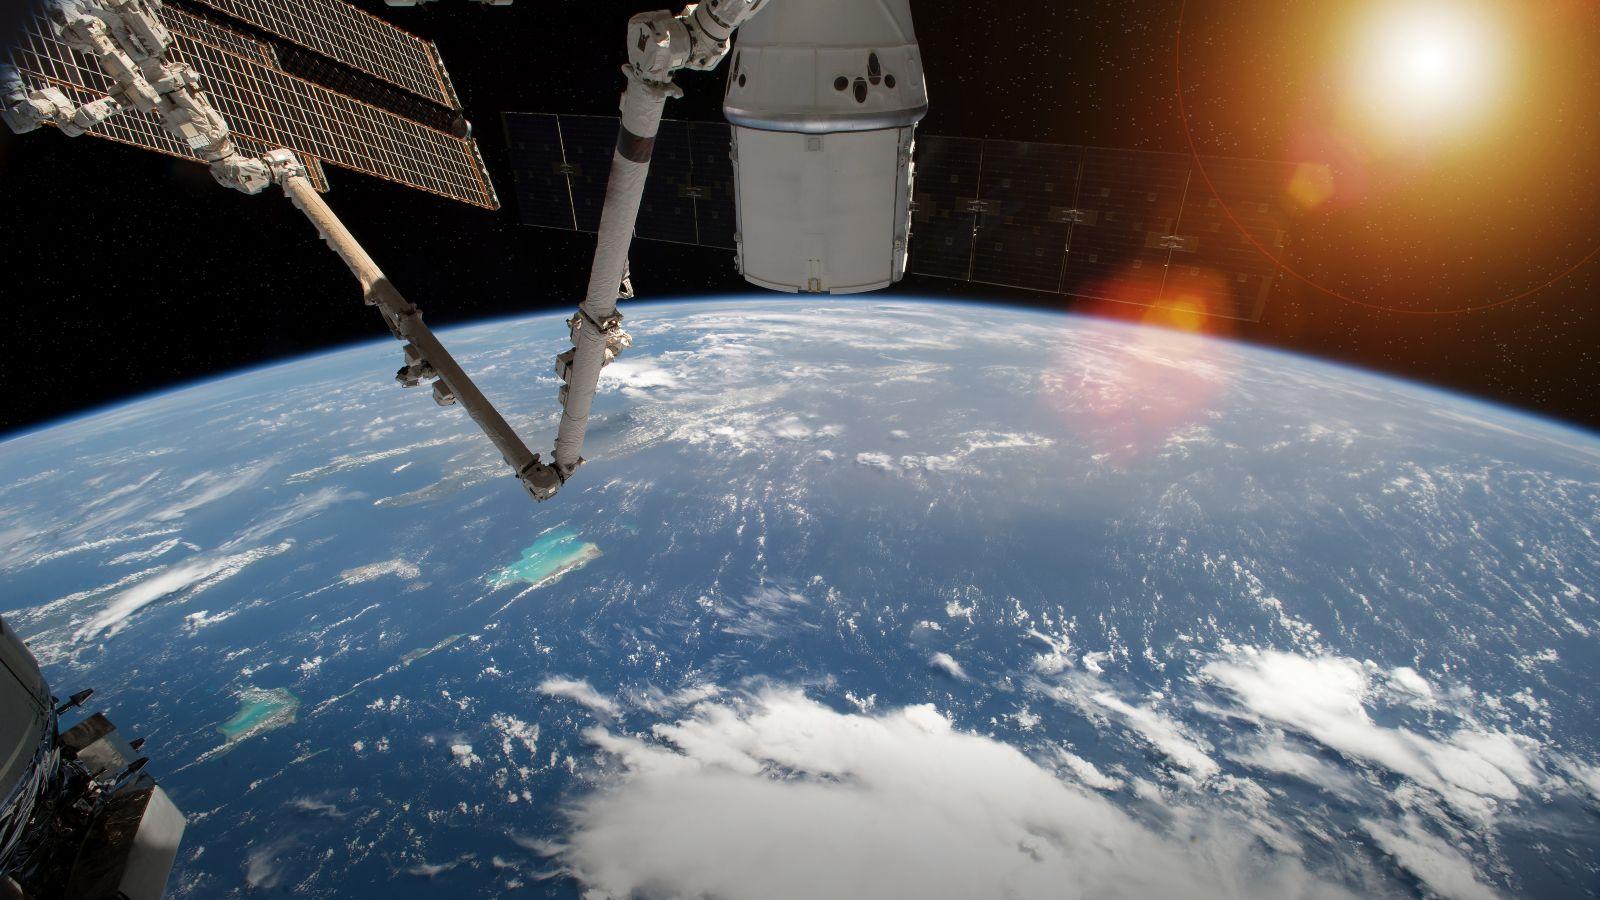 Blick auf die Erdkugel aus dem Weltall. Am Rand des Bildes sind Teile einer Raumstation und die Sonne über der Erde zu sehen.